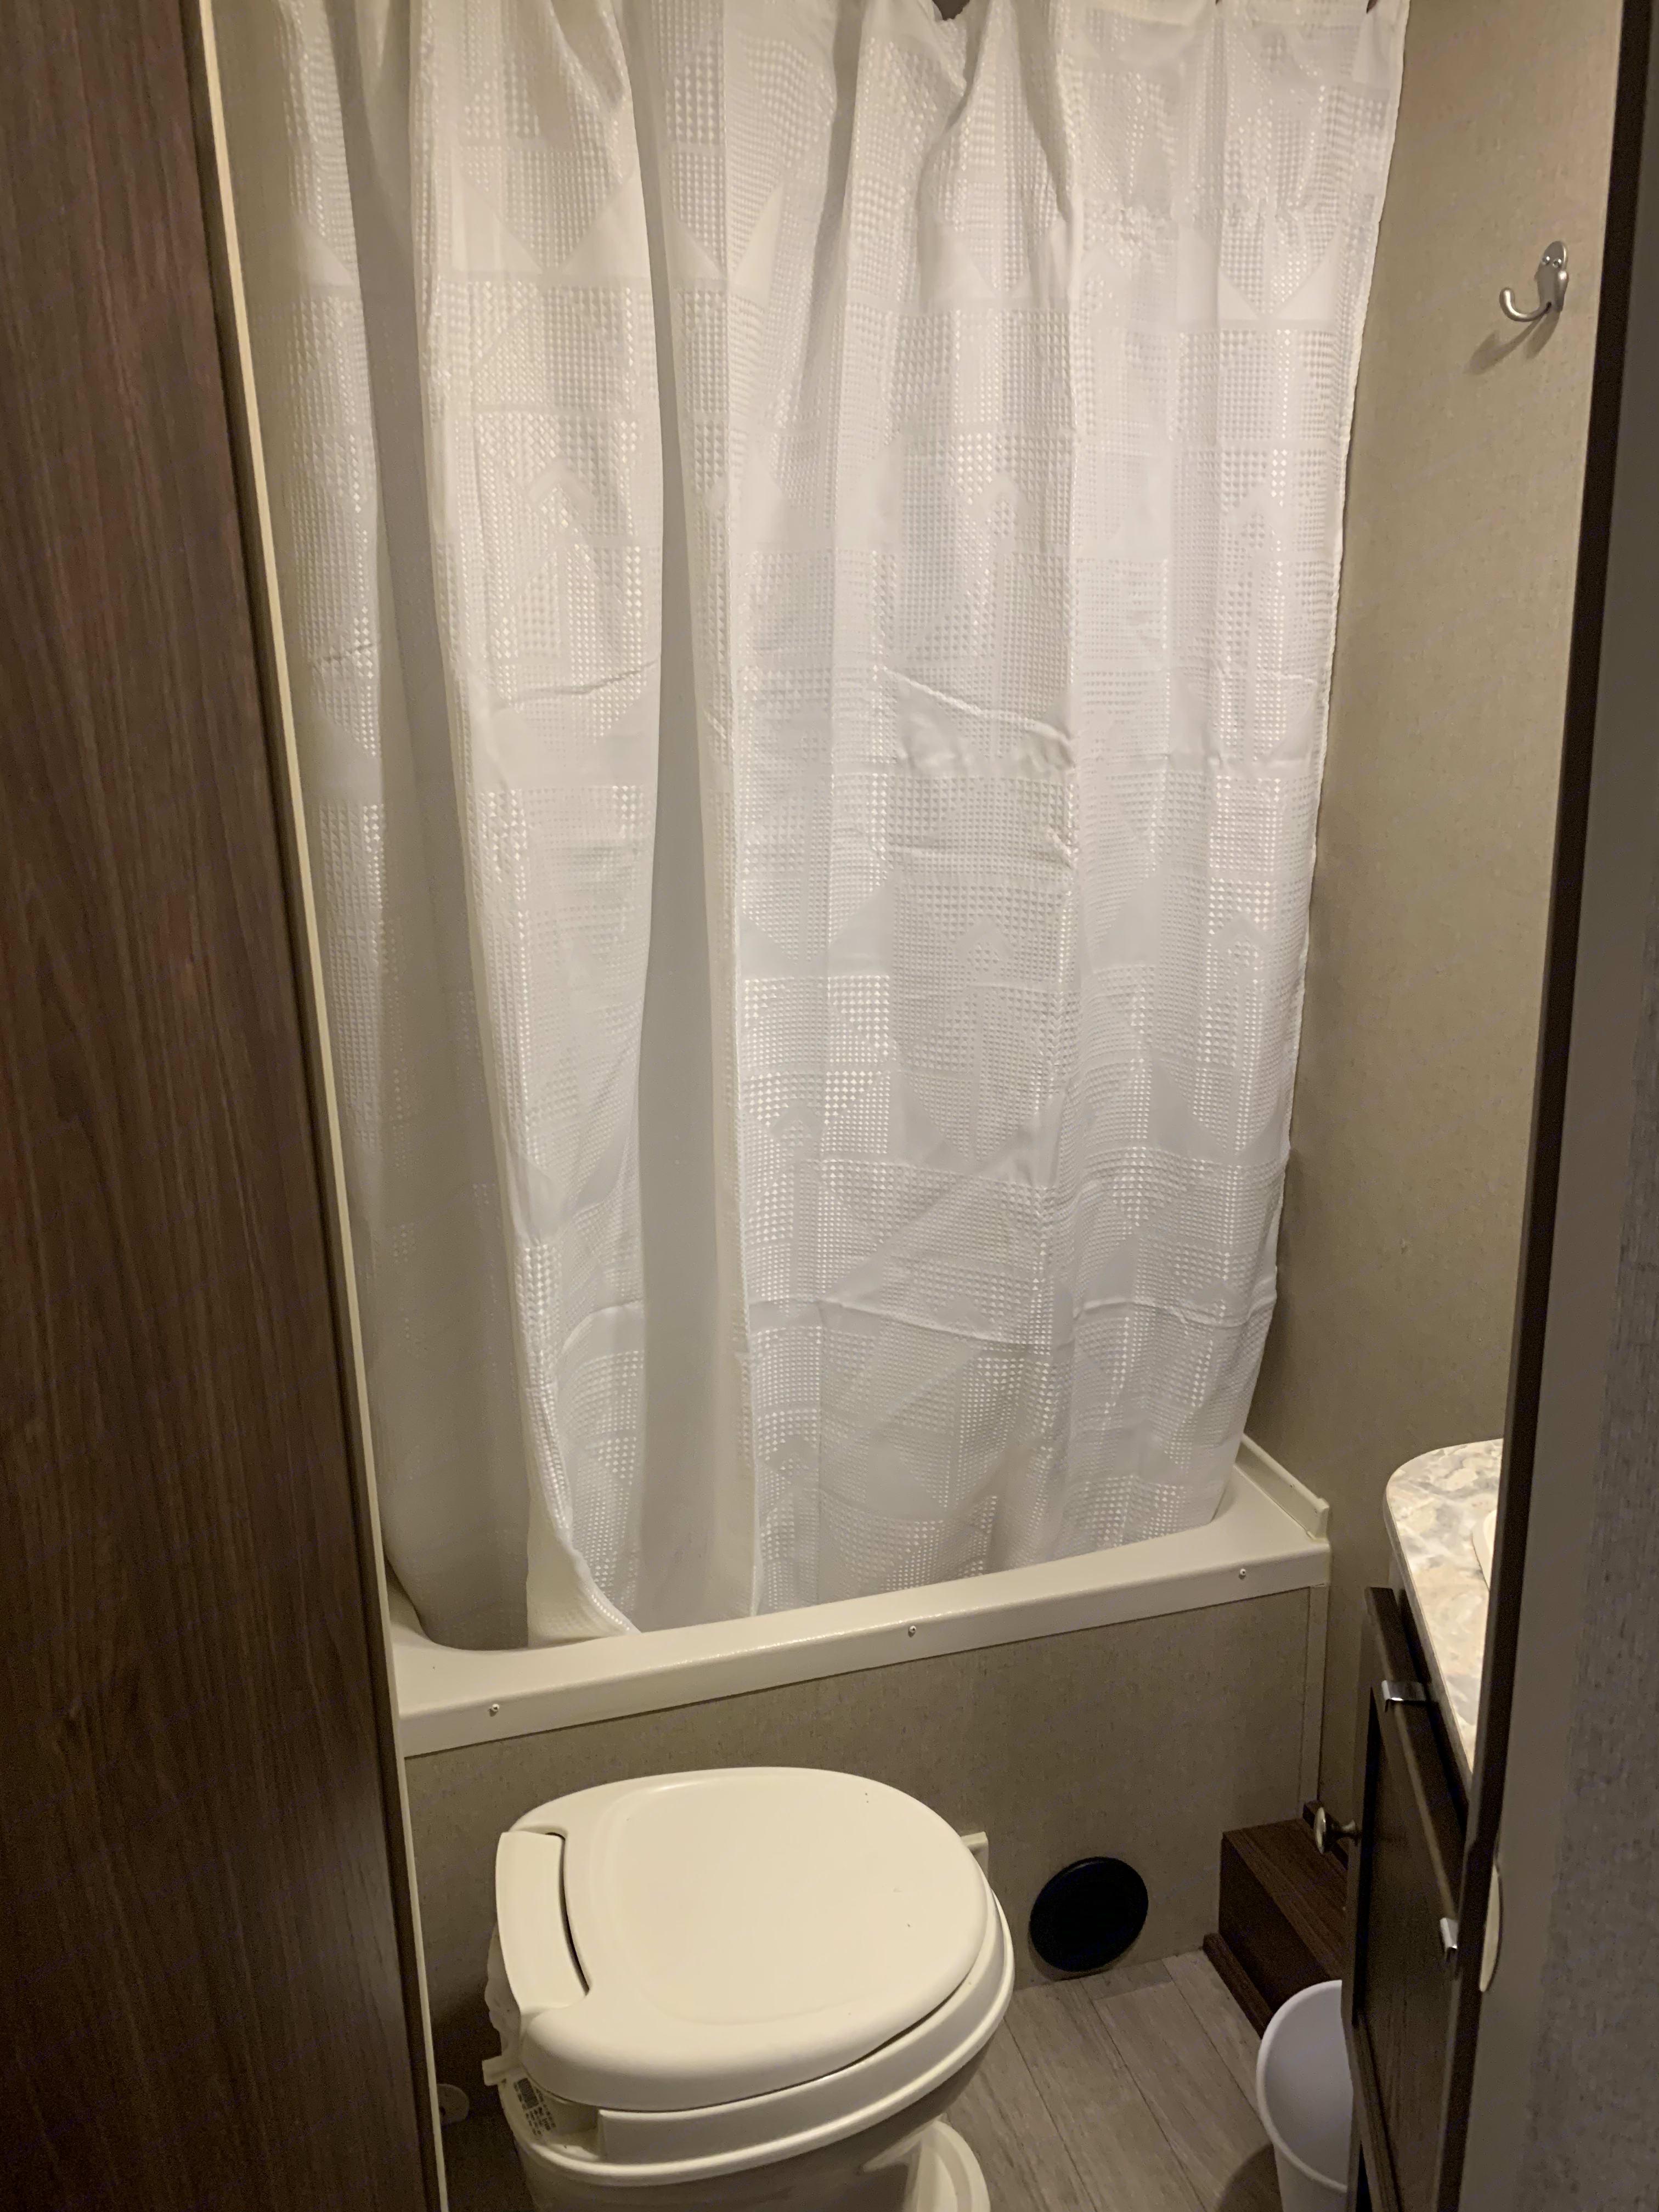 Shower. Coleman Lantern Edition 2018